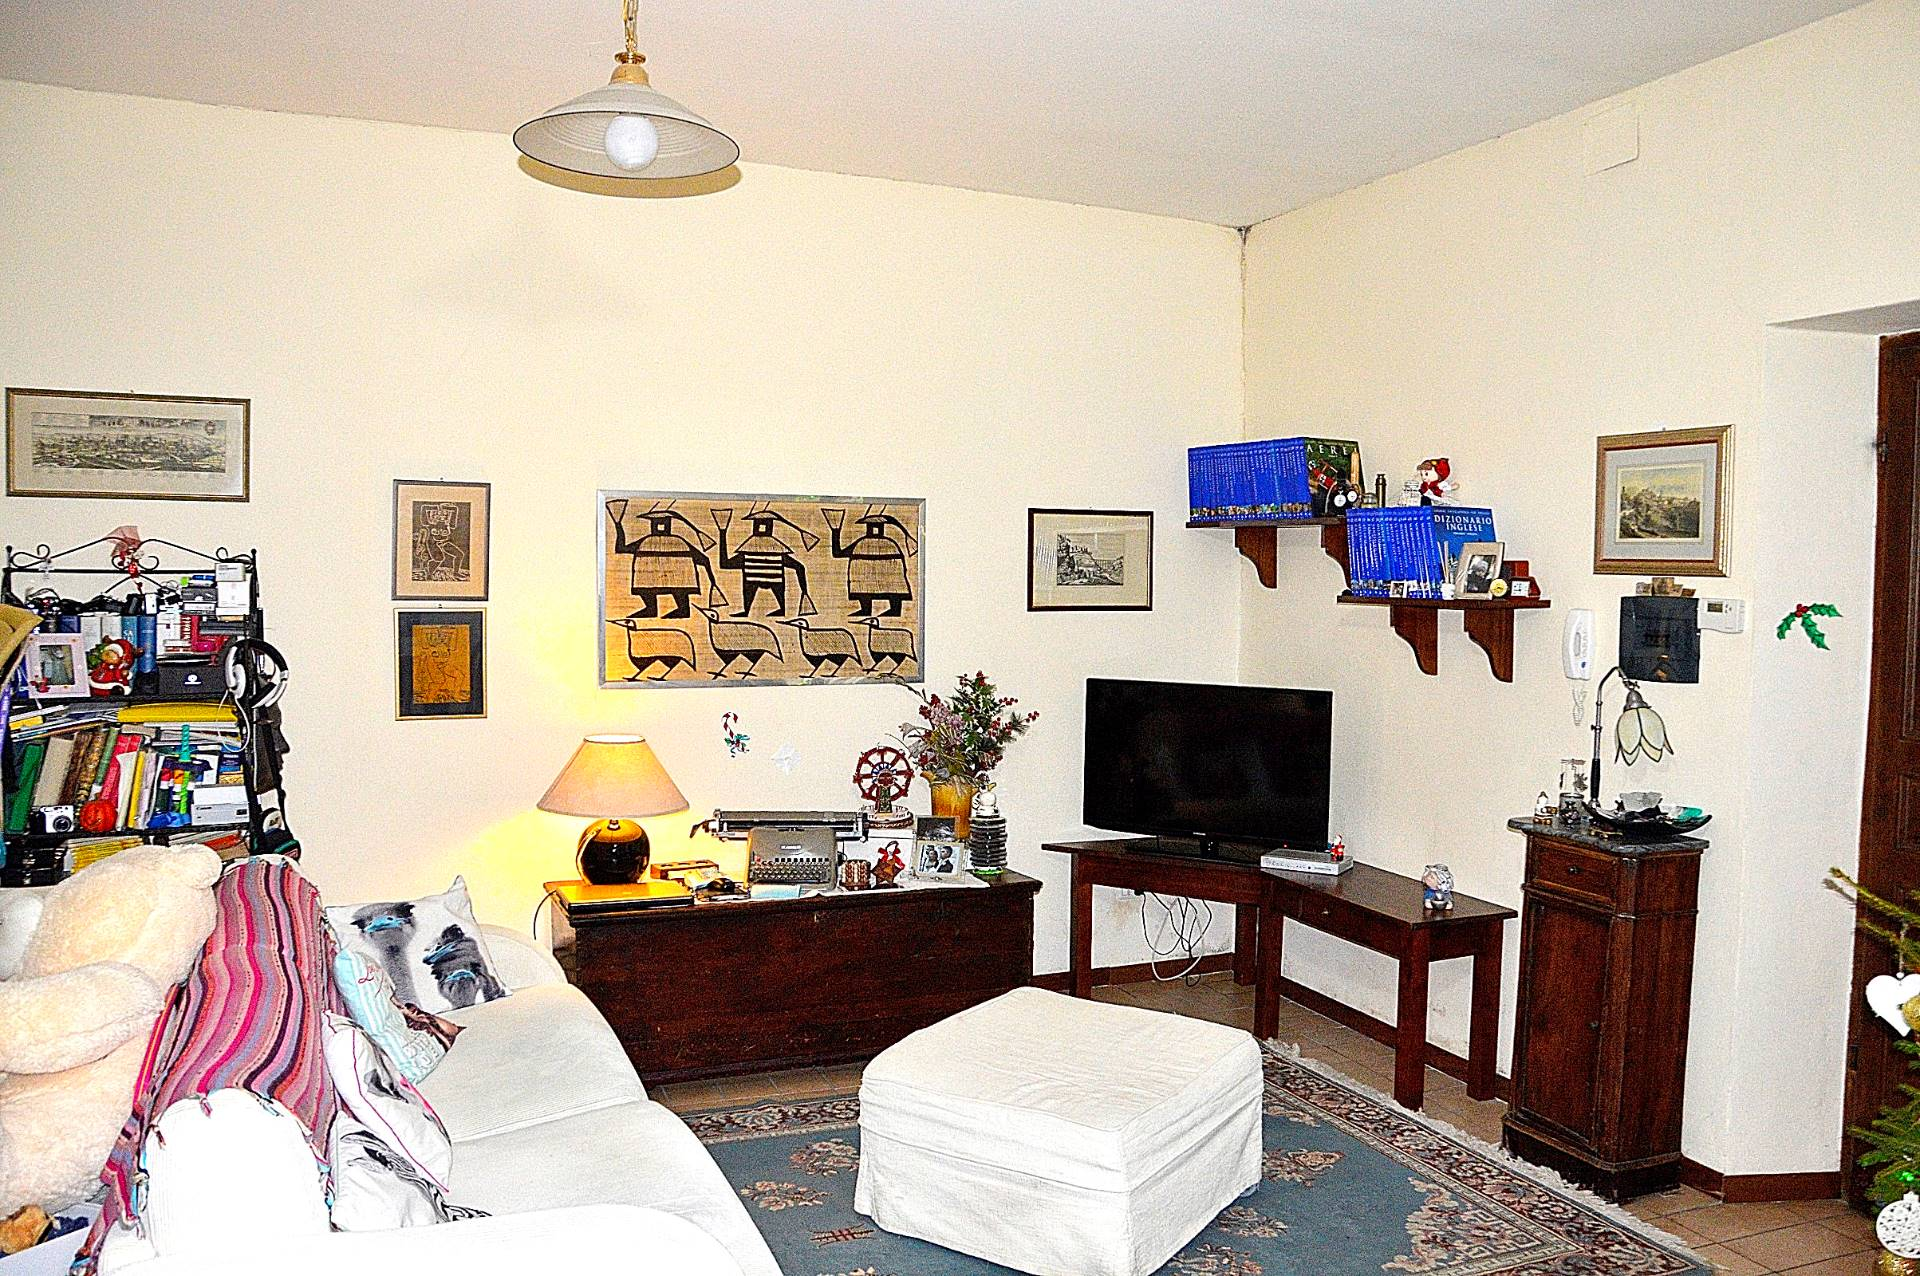 Appartamento in vendita a Campello sul Clitunno, 3 locali, prezzo € 65.000 | Cambio Casa.it